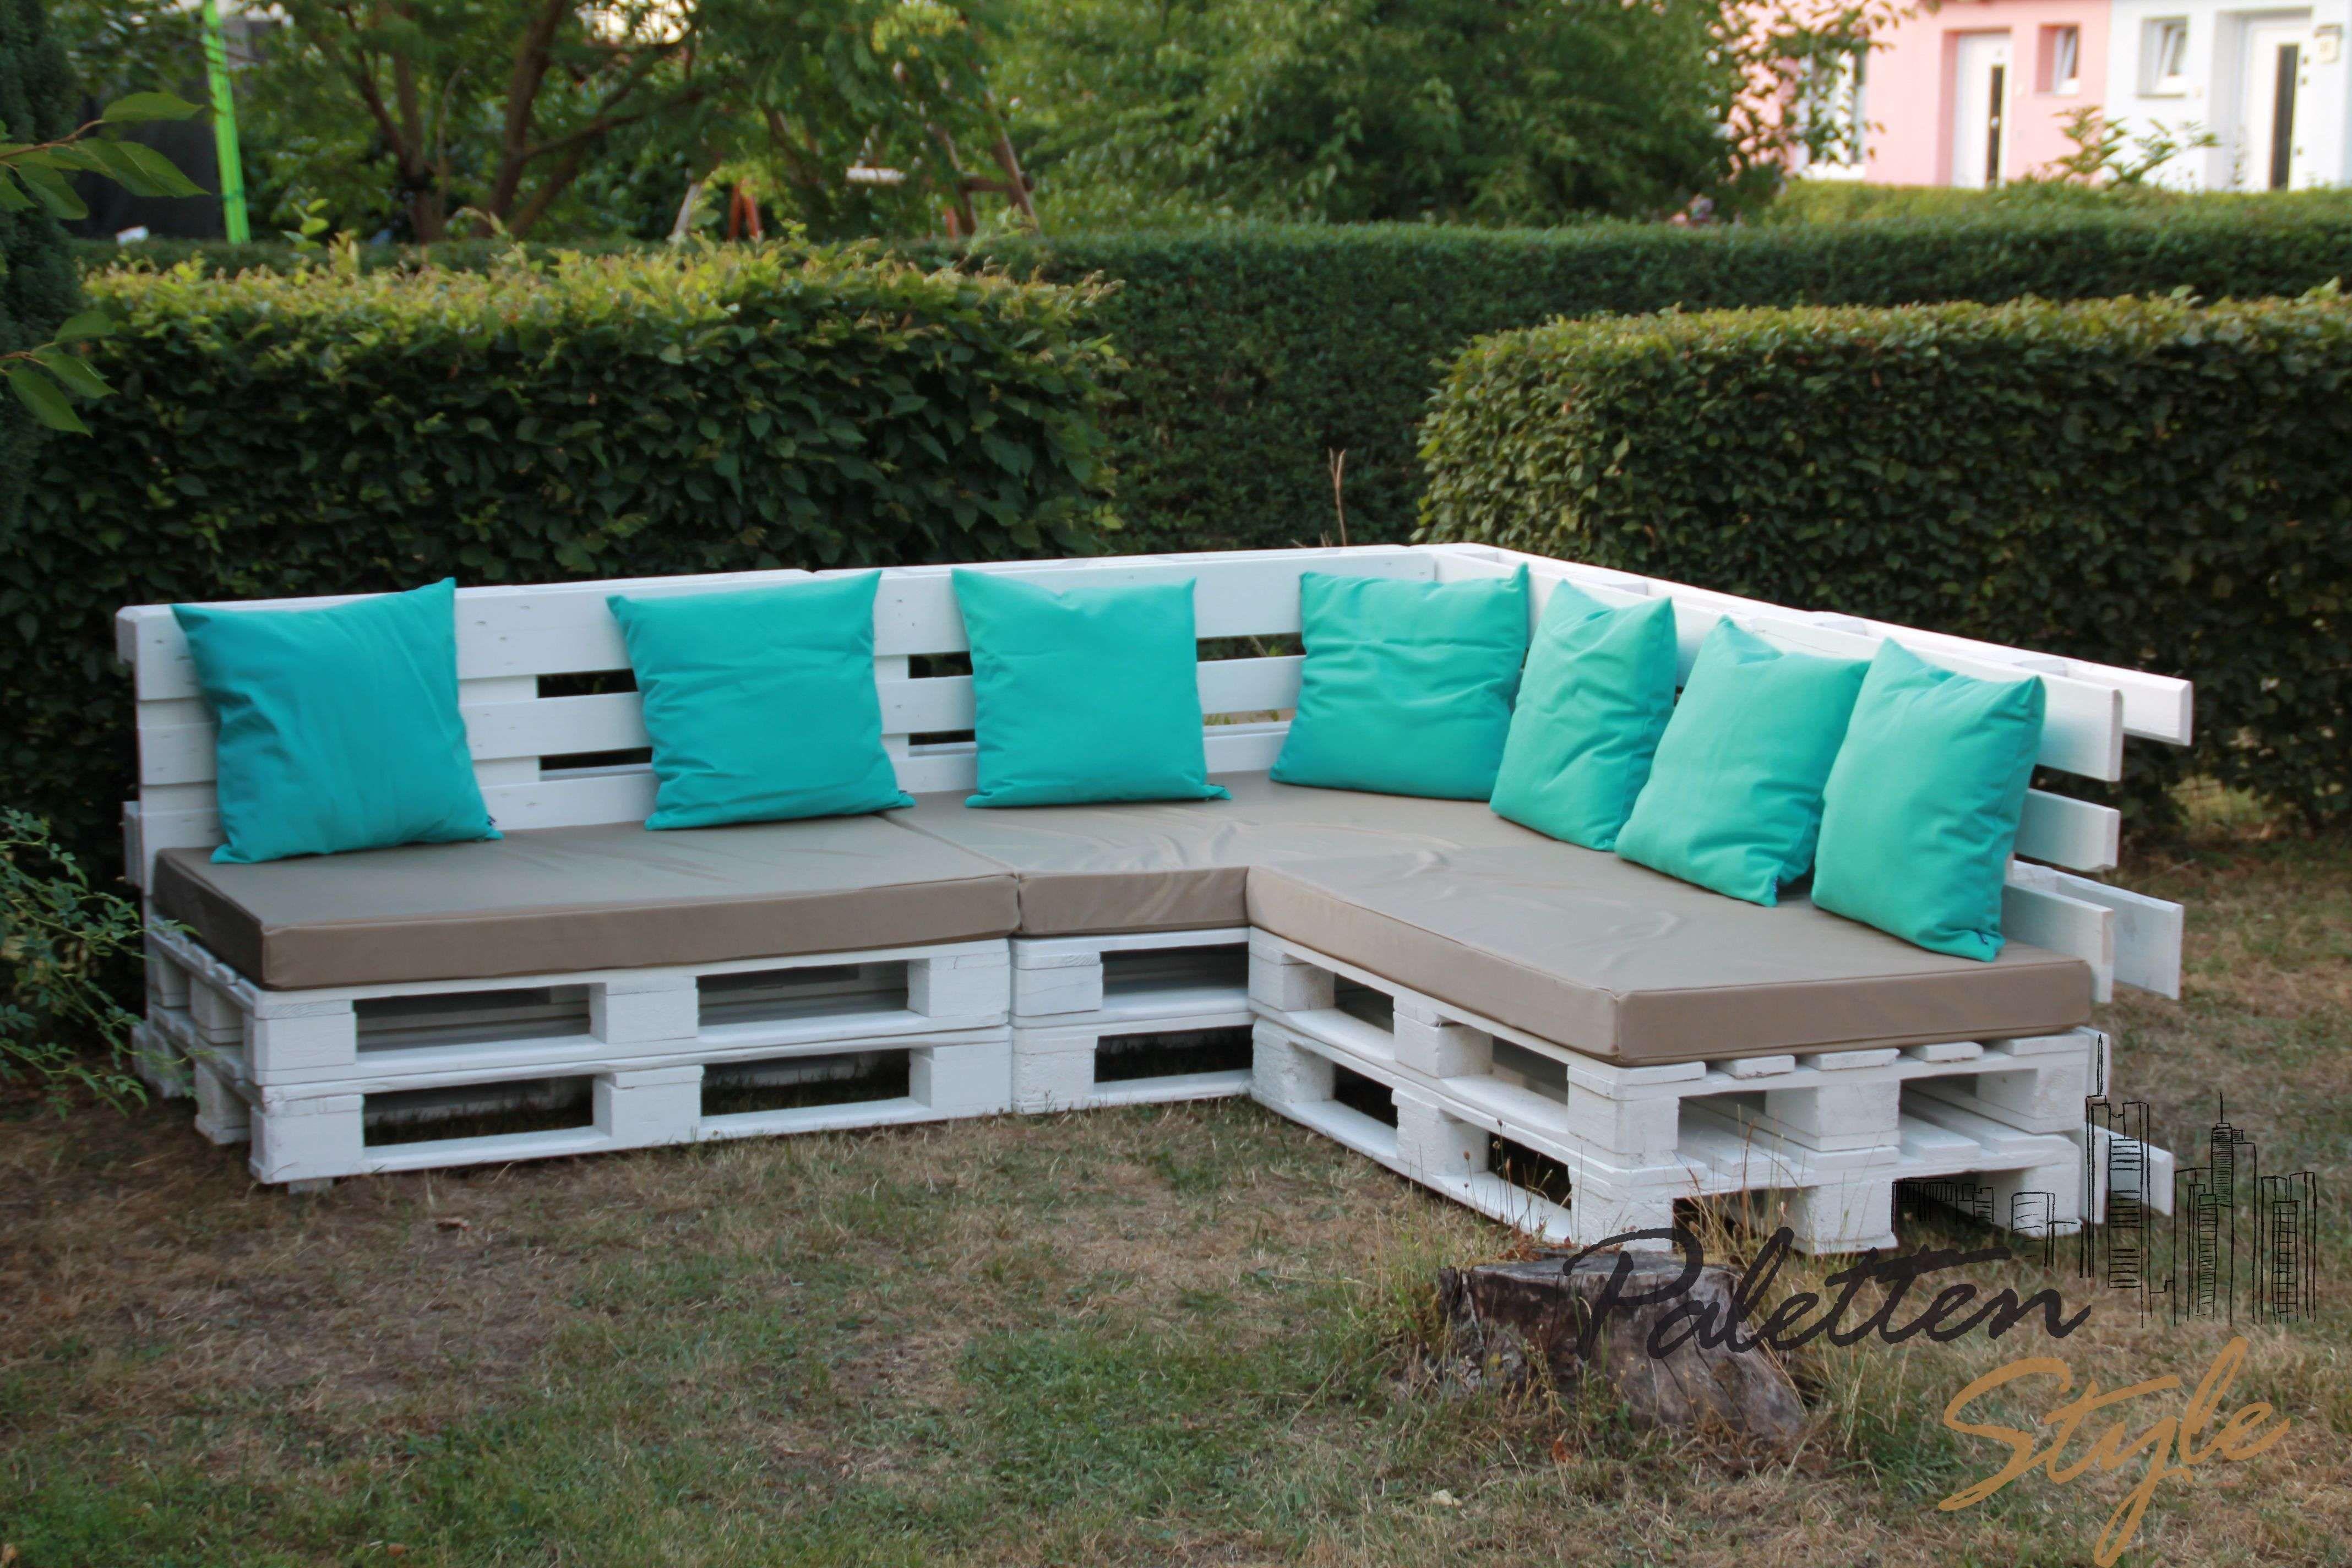 Paletten Lounge Selber Bauen Mit Gartenmöbel Möbel Aus Europaletten Möbelunikat Wohnzimmermöbel 2 Und Mit Paletten Lounge Bank Aus Paletten Europaletten Möbel